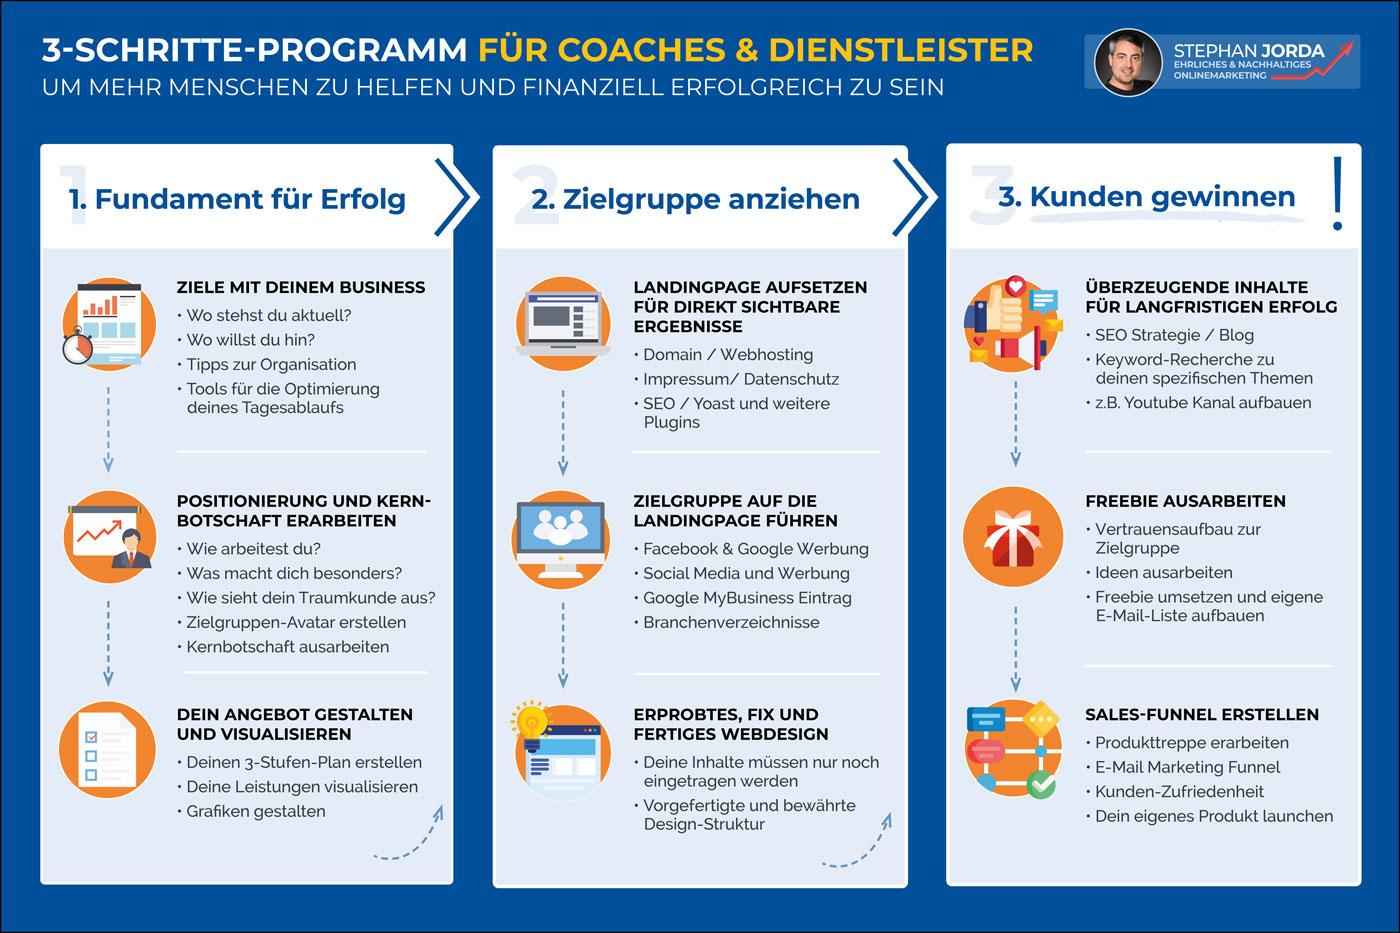 3-Schritte-Programm für Coaches